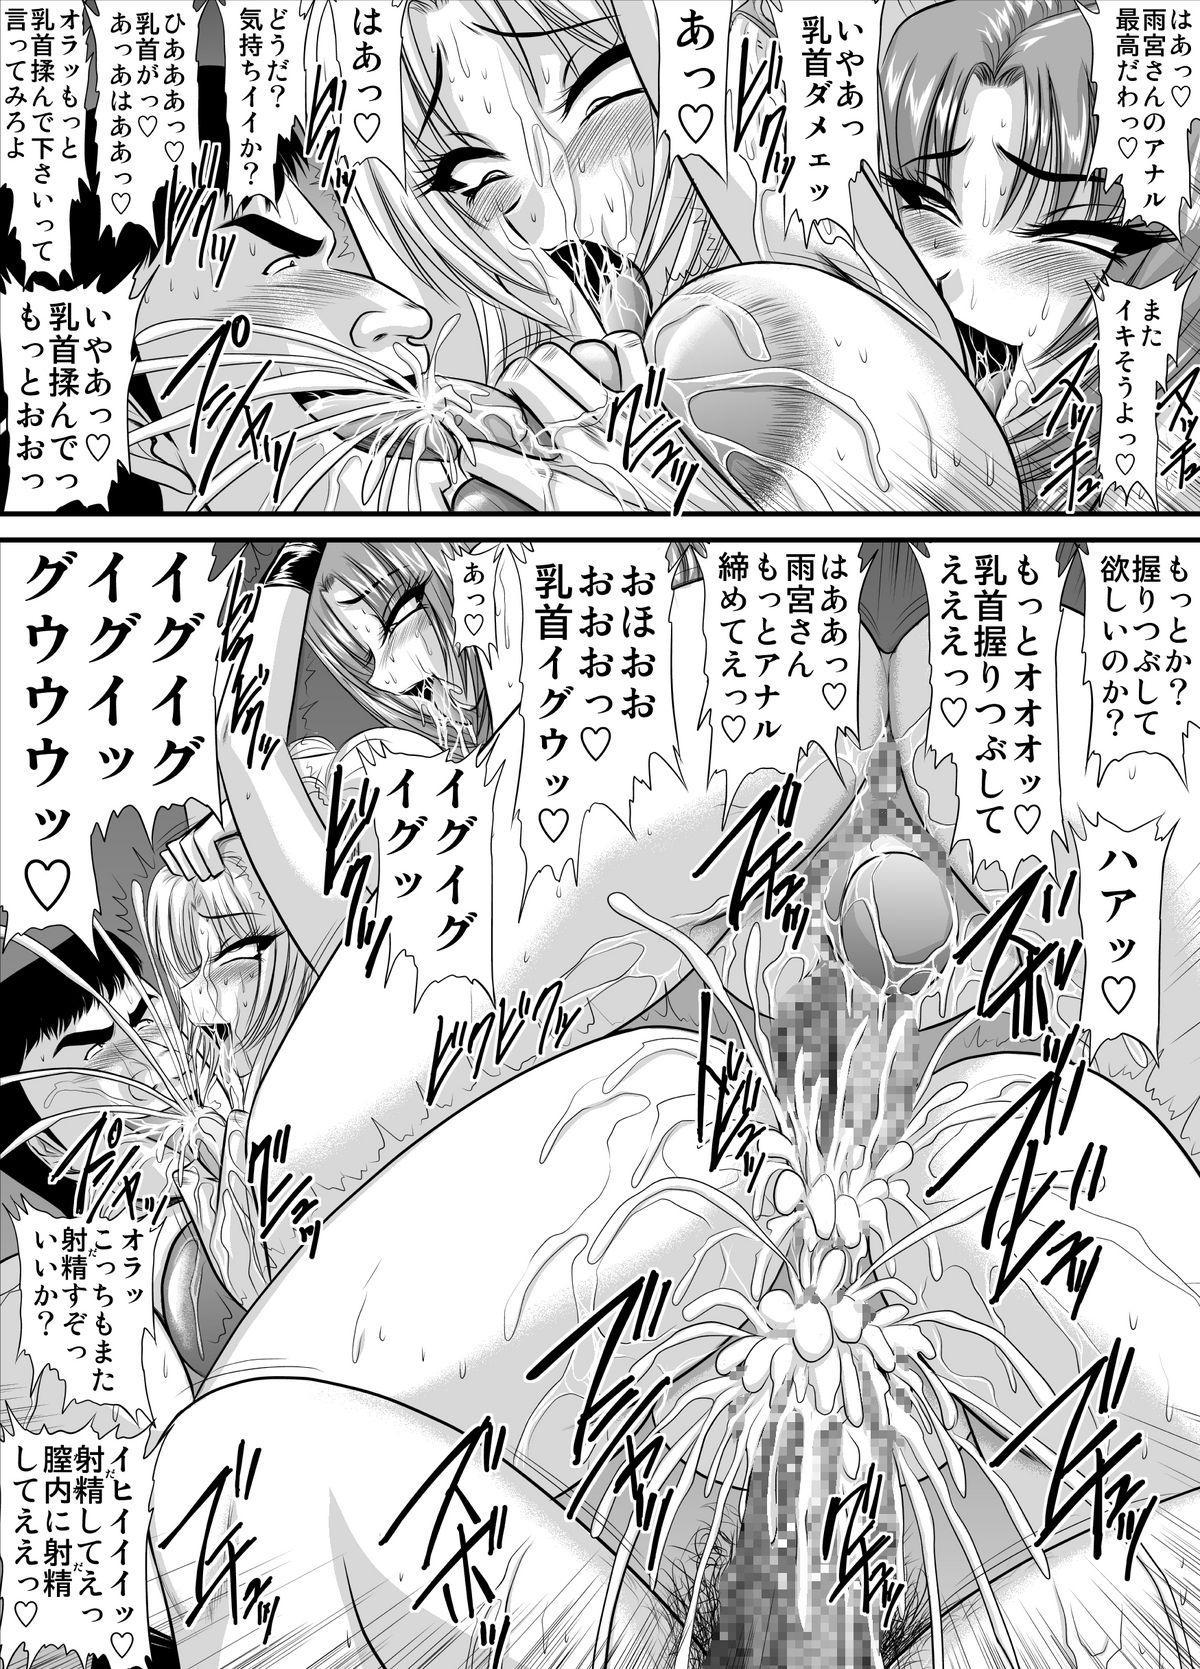 Keiyaku Sei Dorei Bakunyuu Kyoushi Sayaka 12 4